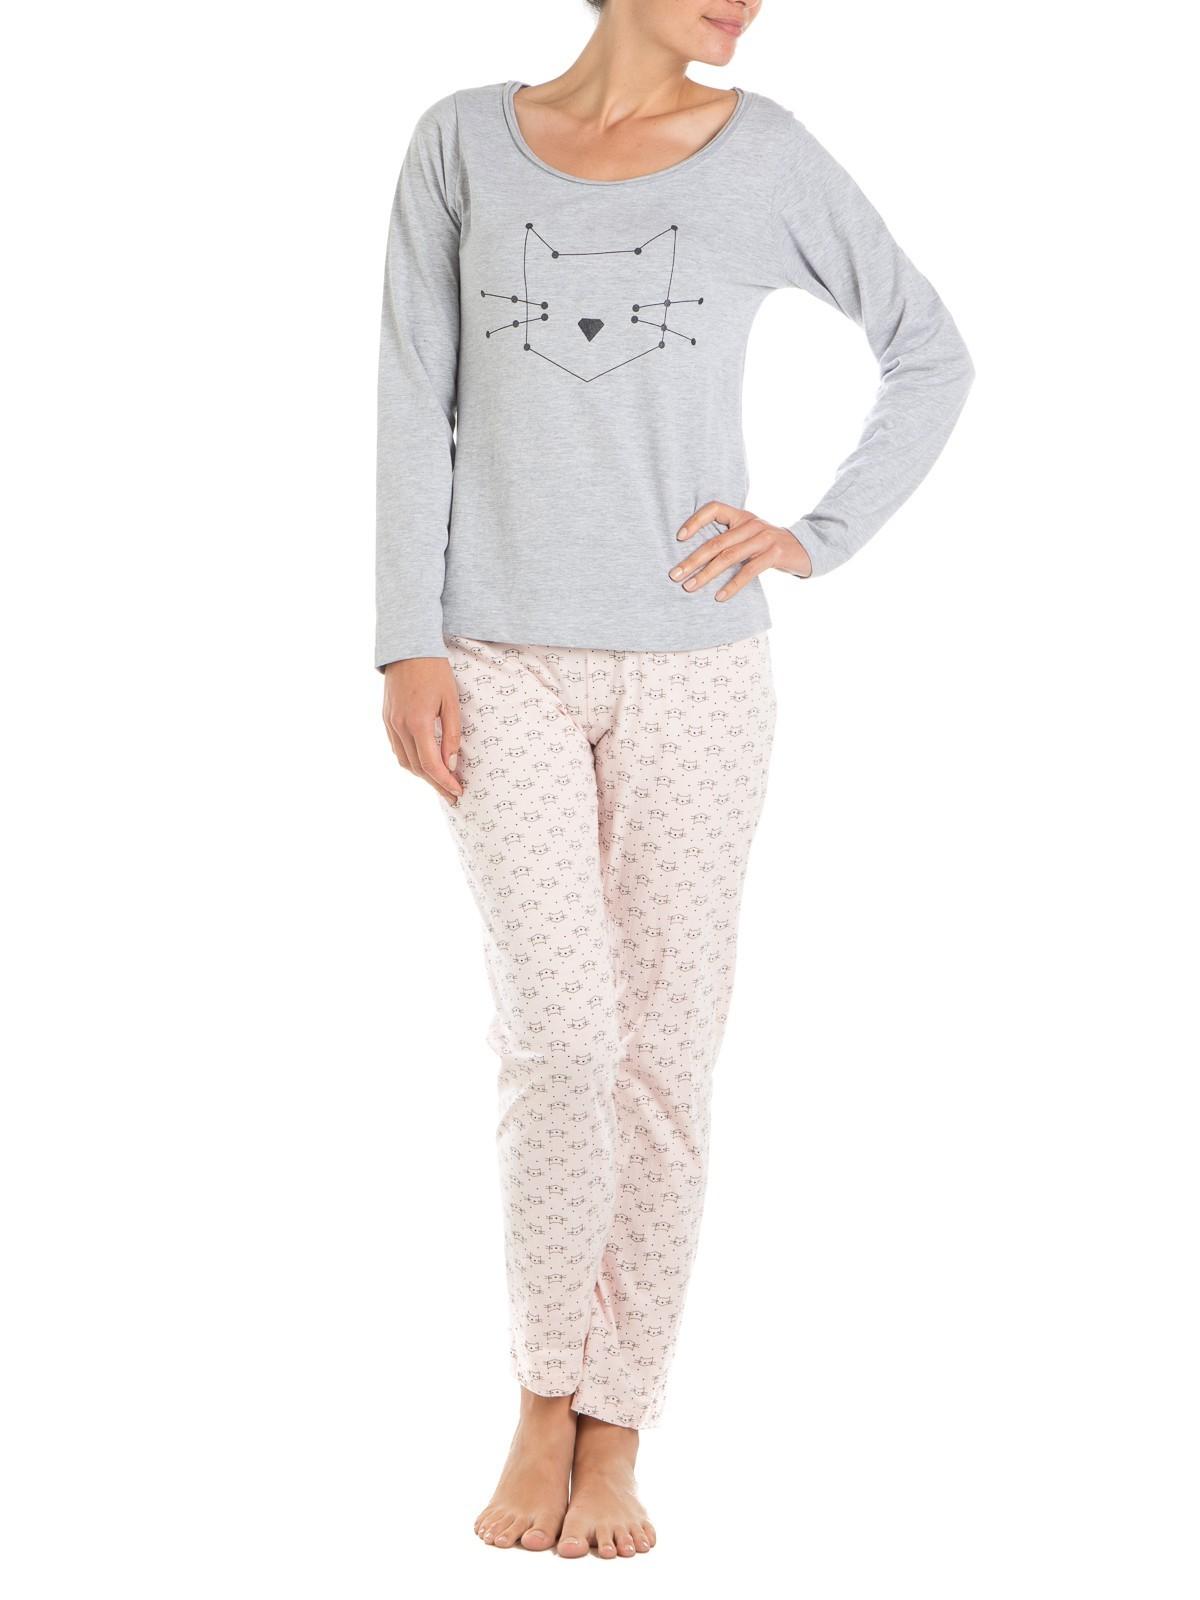 dernière vente extrêmement unique Découvrez Pyjama femme imprimé chat graphique - DistriCenter